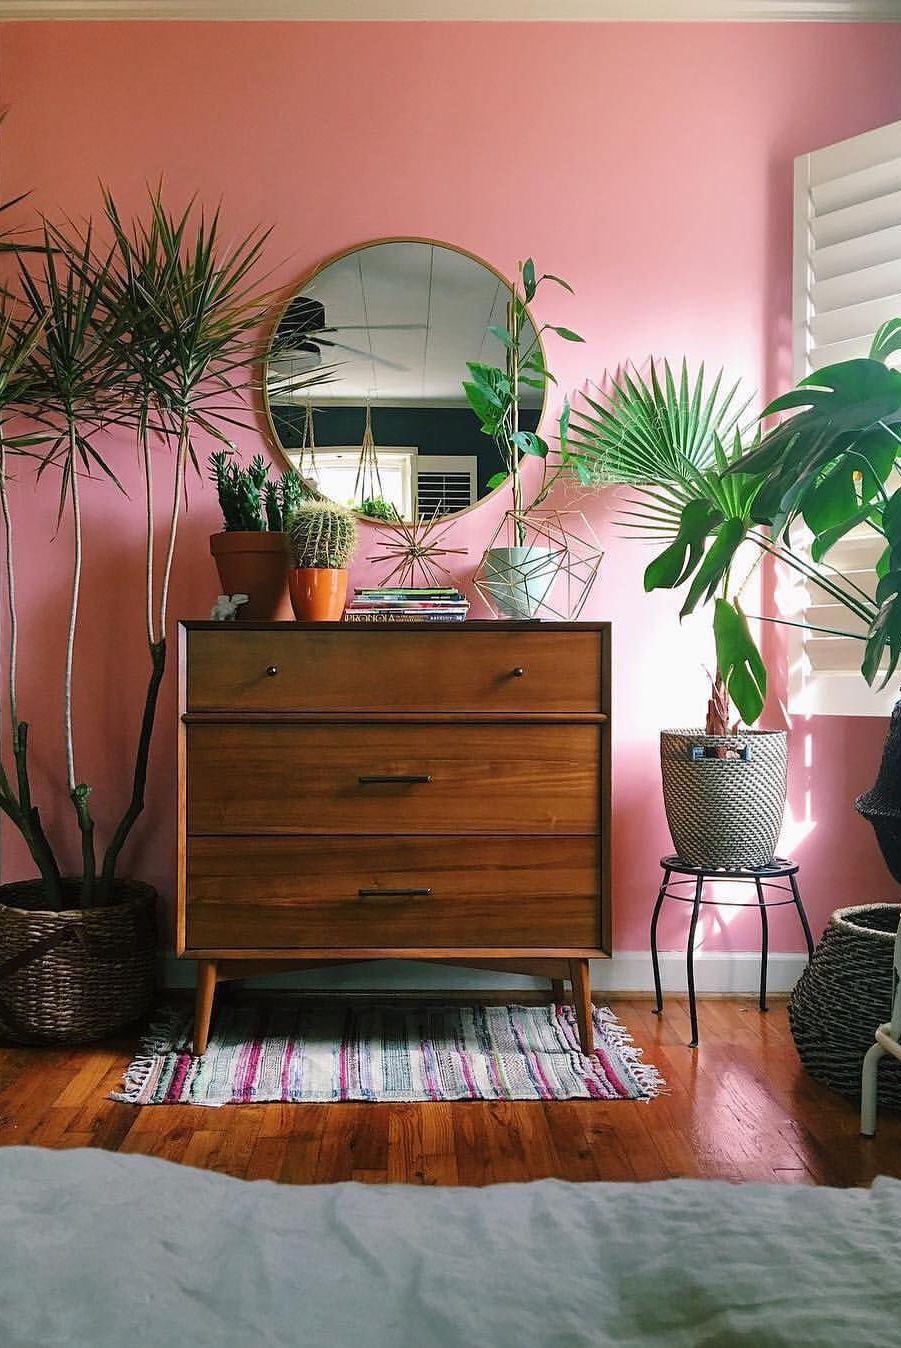 pequeno exemplar de palmeira Azul plantado no vaso aproveita a luz natural que vem pela janela do quarto